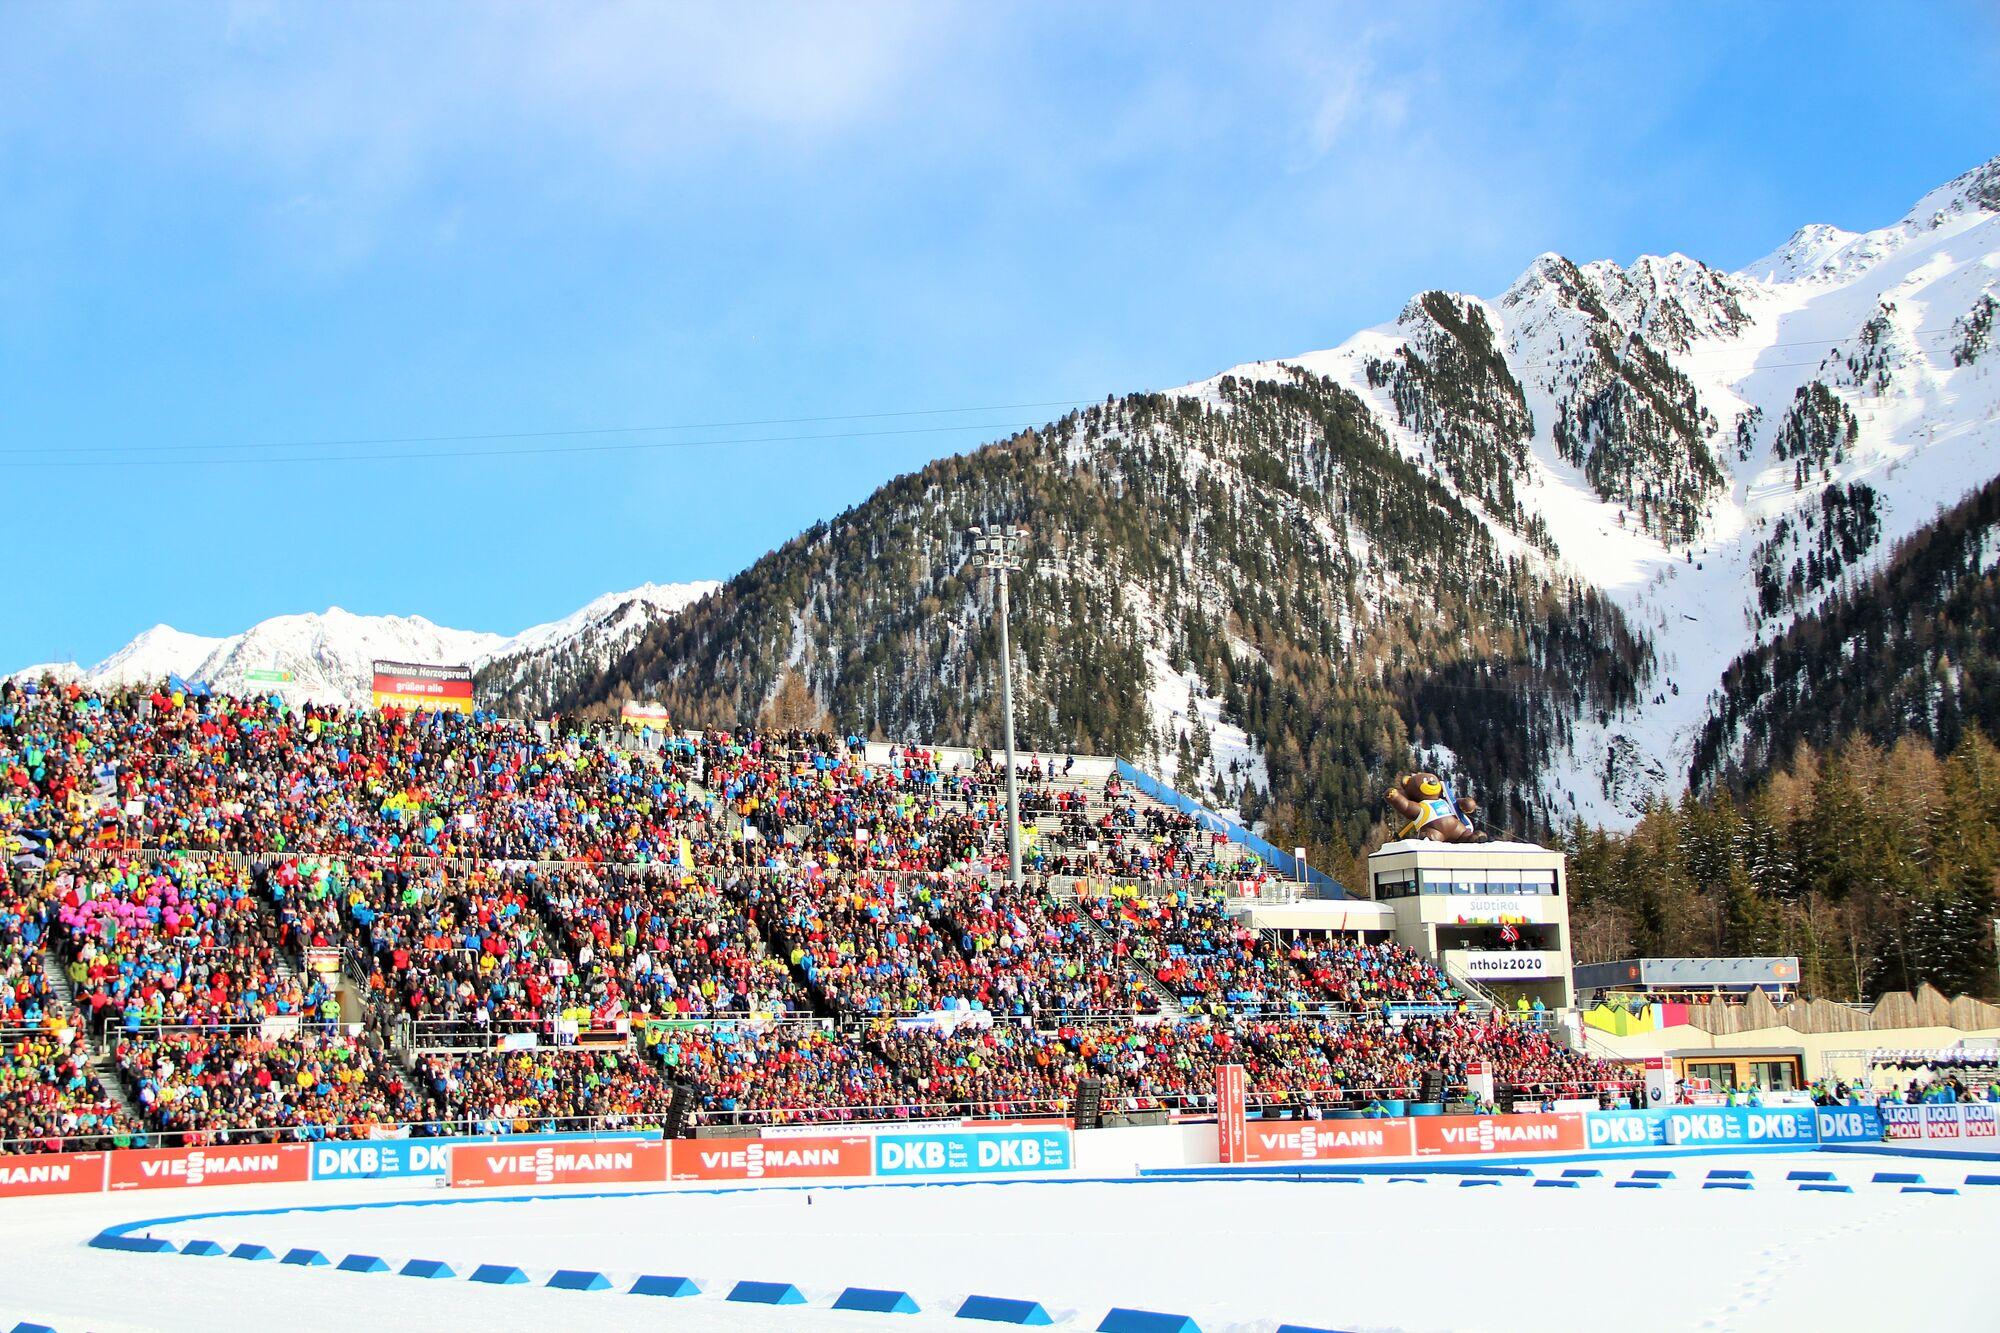 Біатлонний стадіон в Антхольці